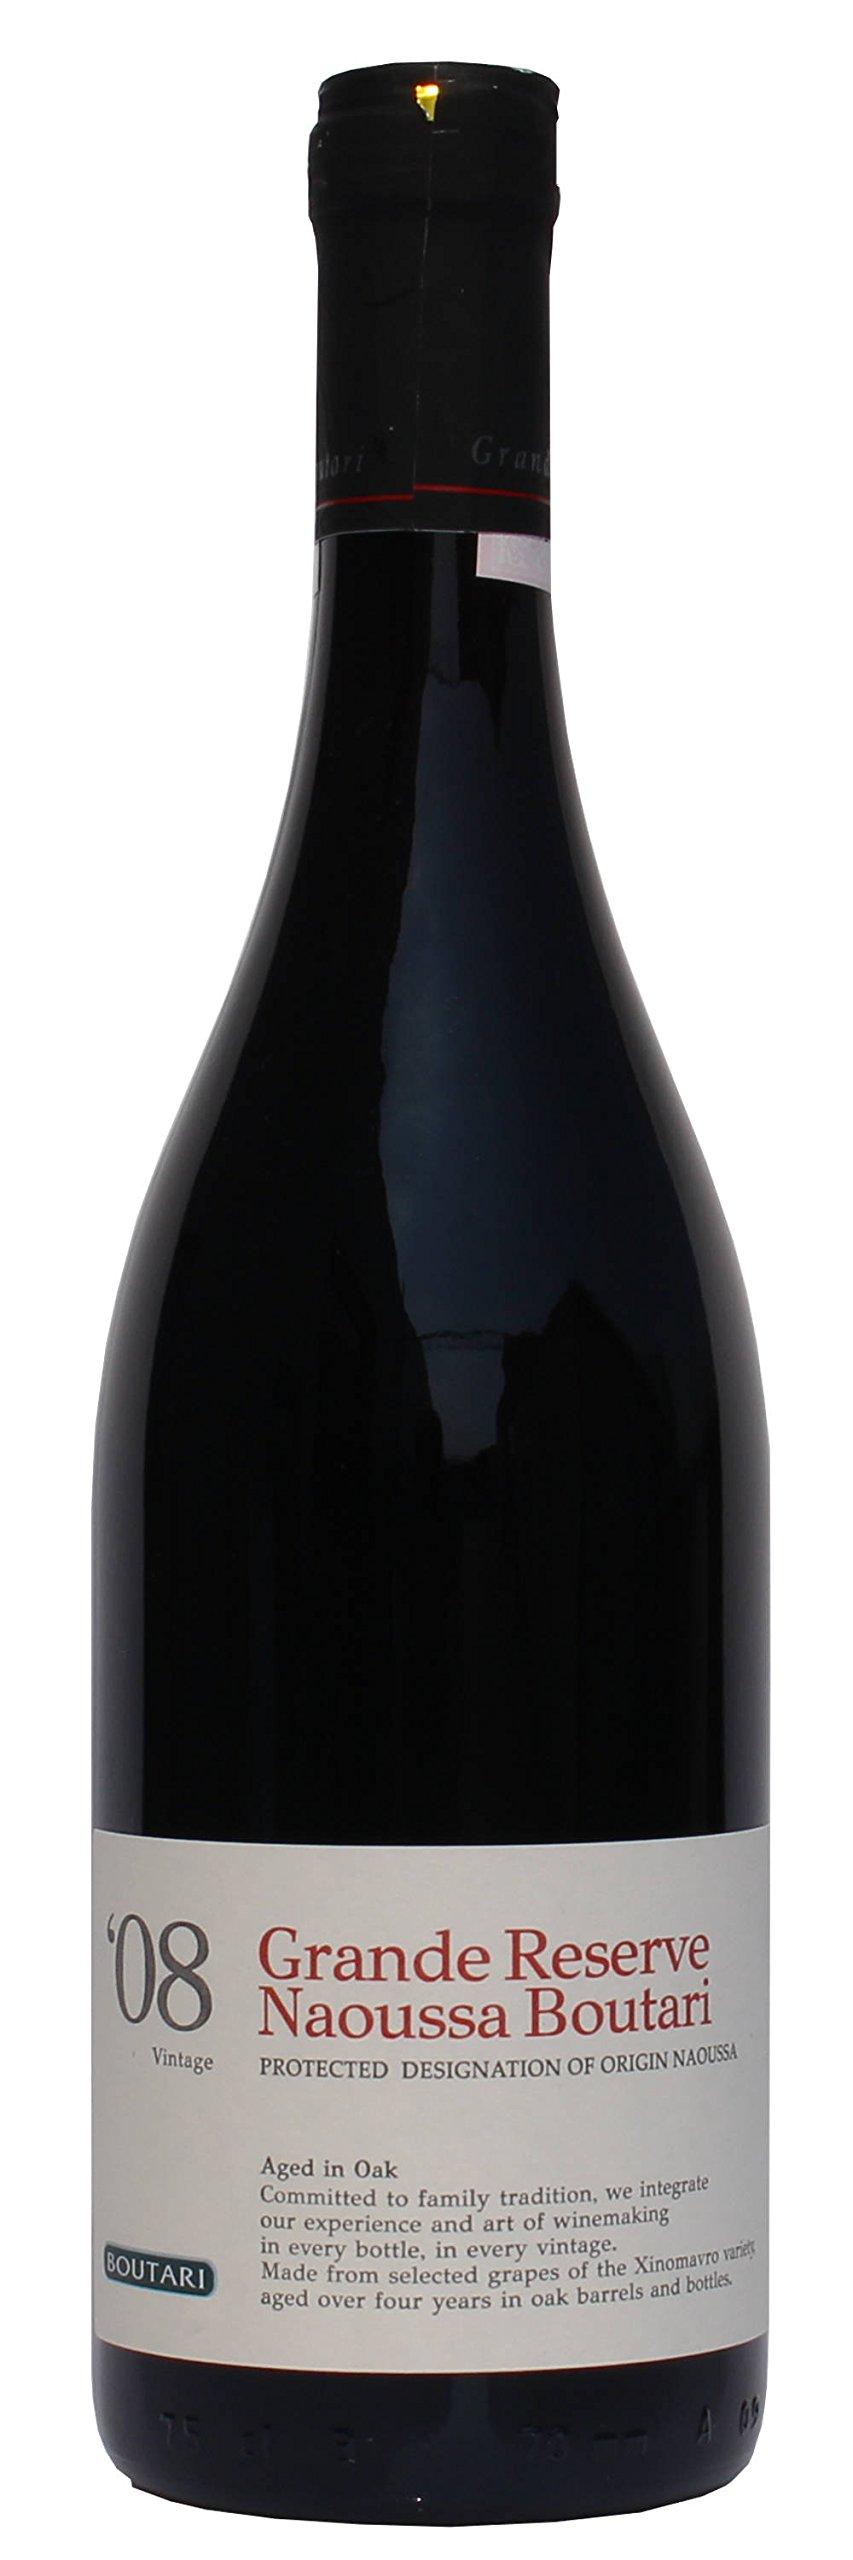 Boutari-Naoussa-Rotwein-Grande-Reserve-trocken-750ml-135-ein-edler-griechischer-roter-Wein